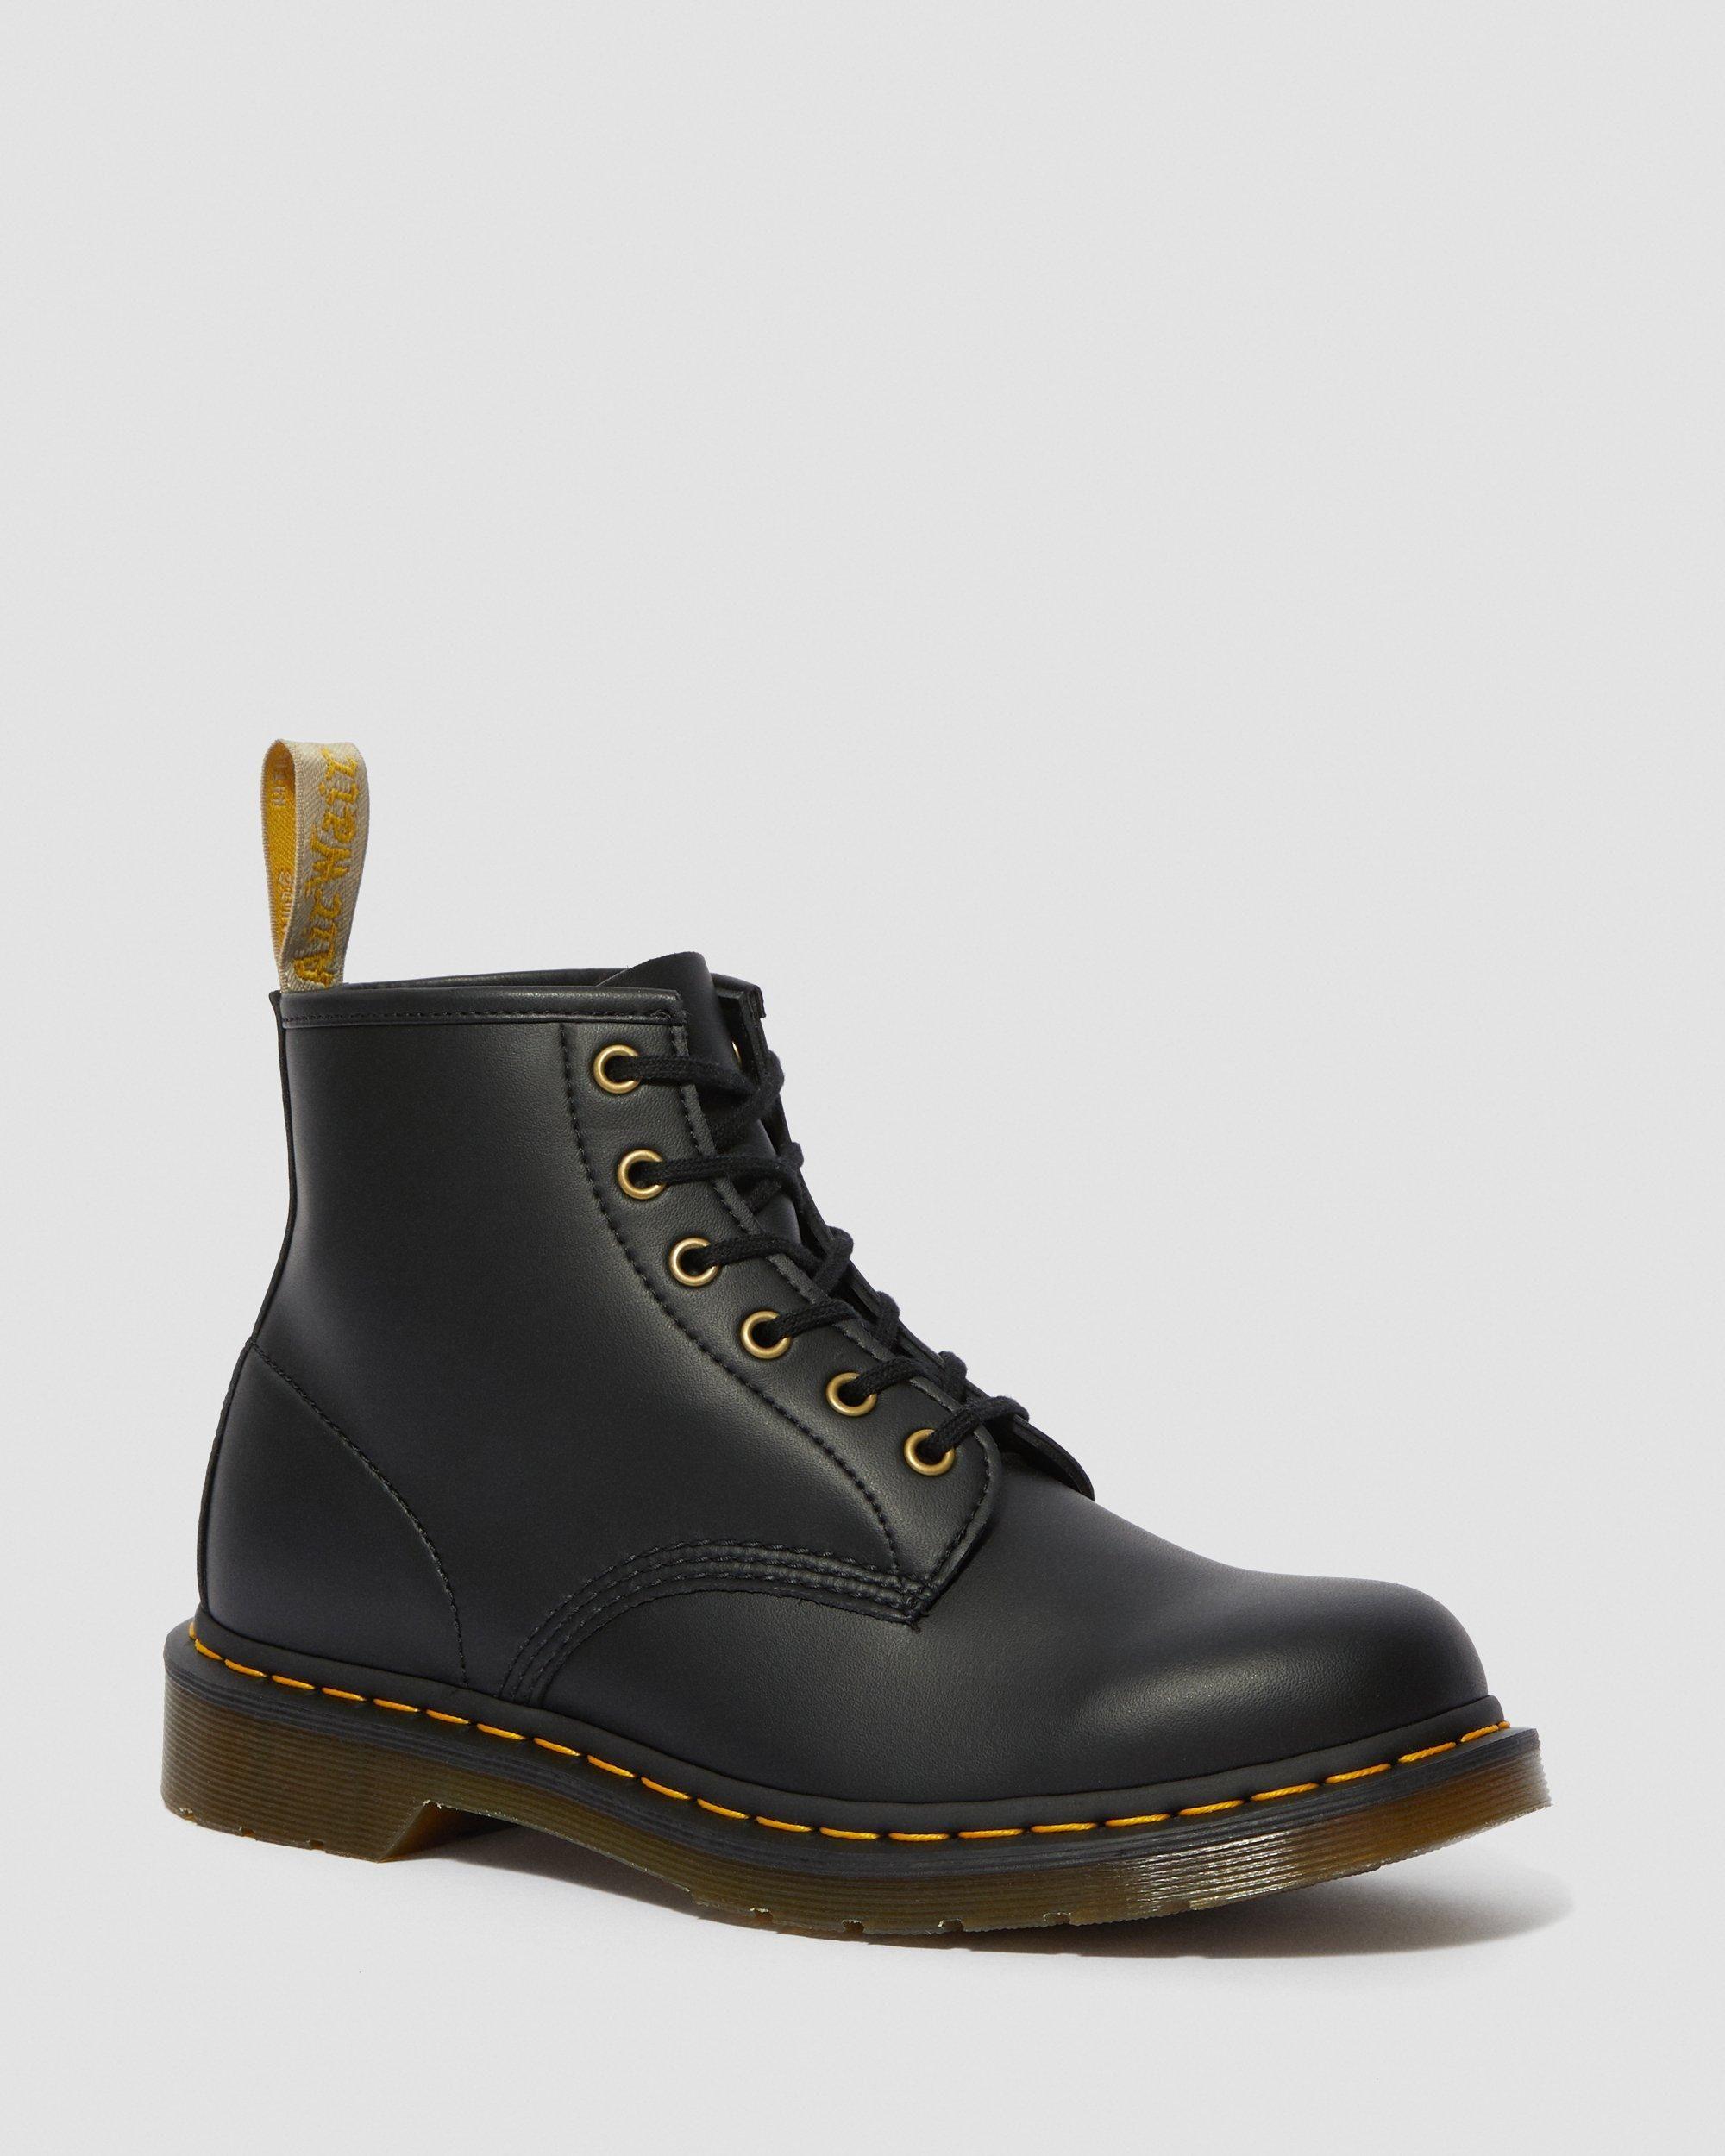 Dr Martens Vegan Boots